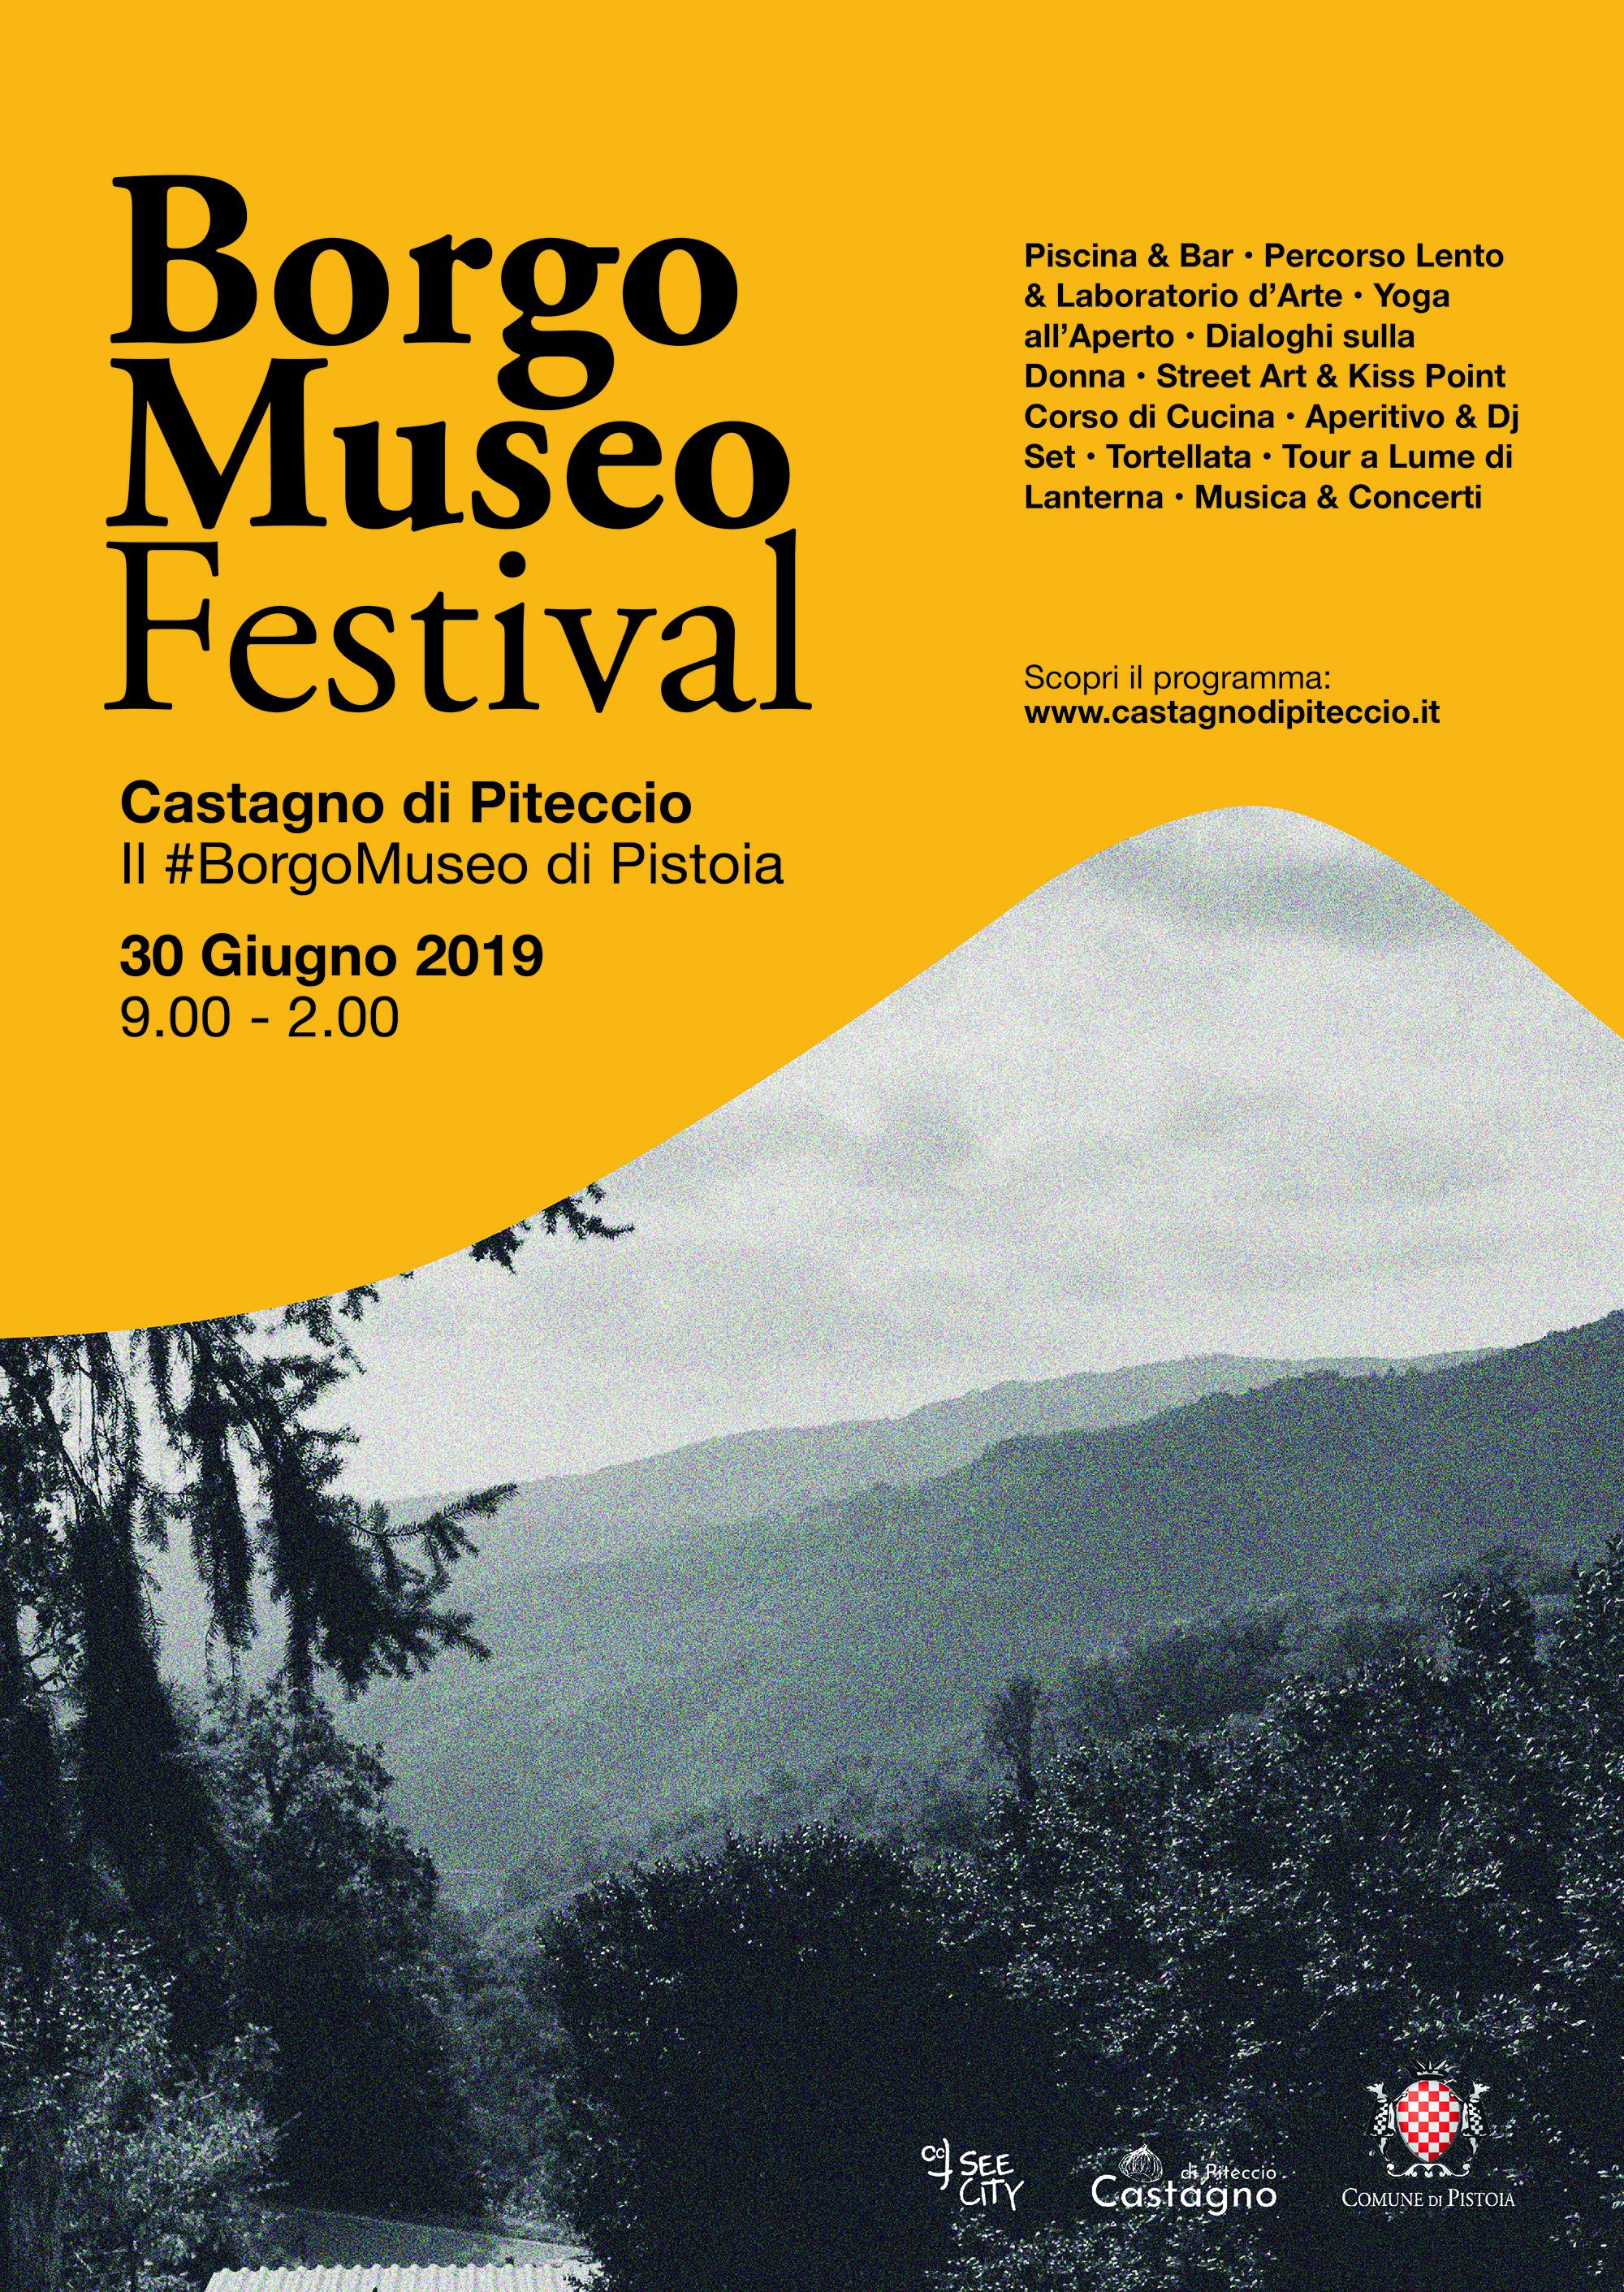 Borgo Museo Festival 2019 LOCANDINA